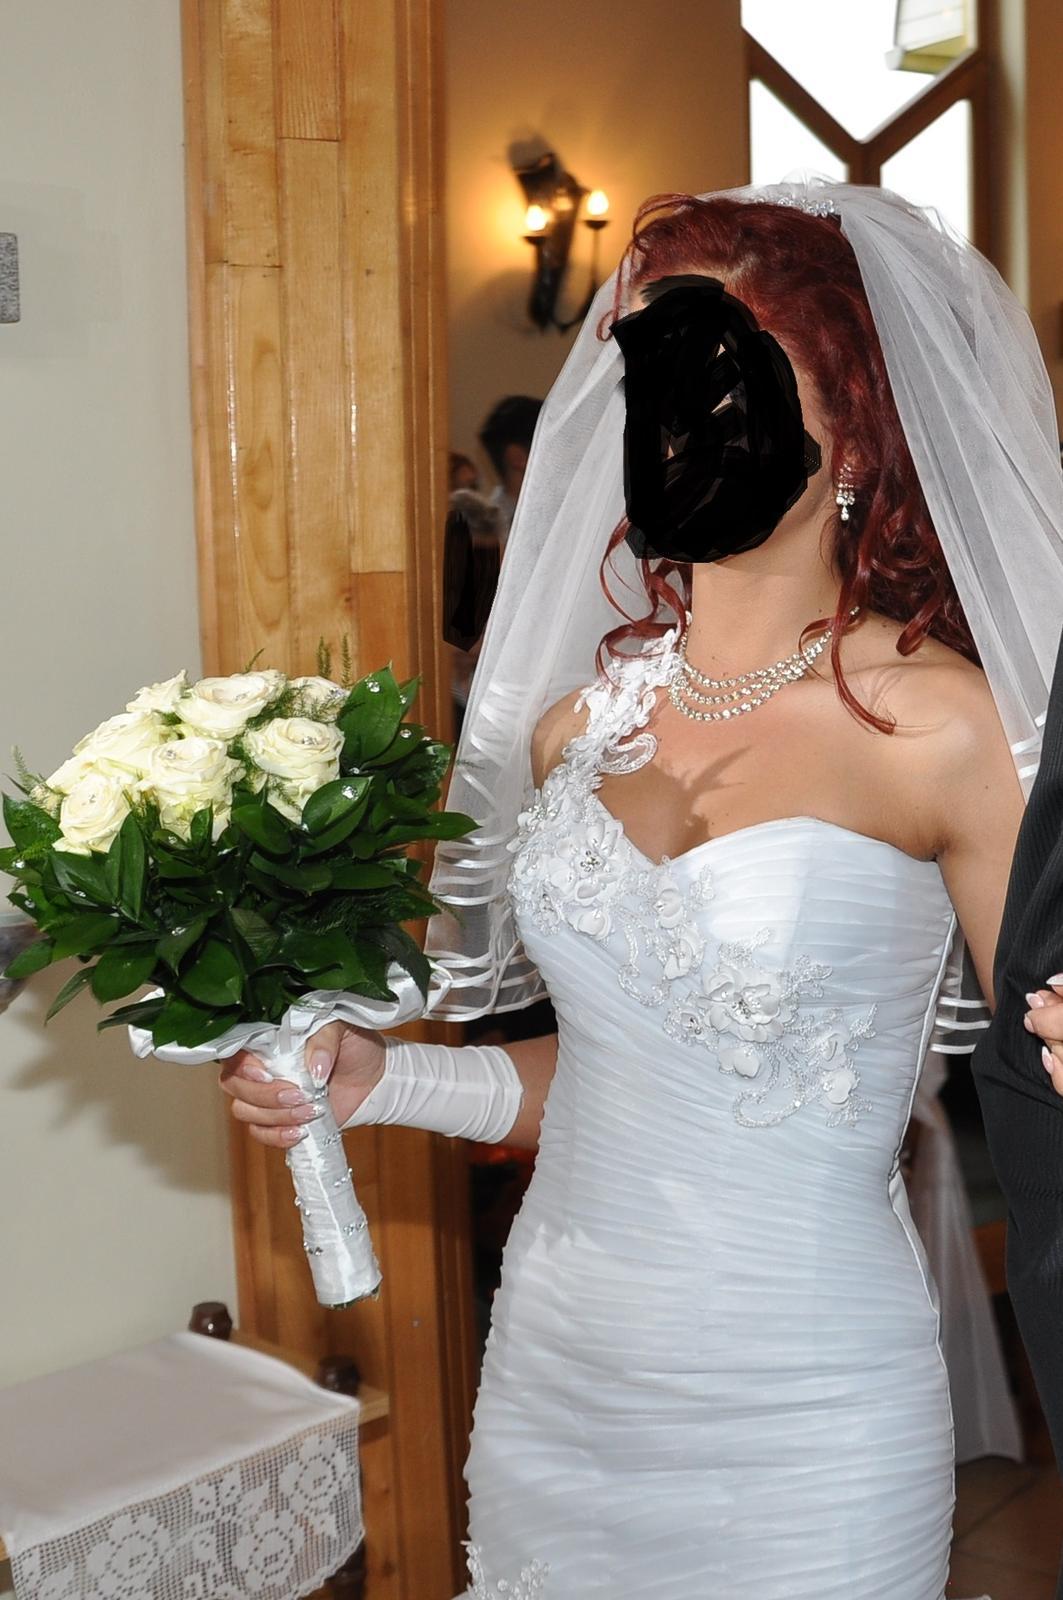 Biele svadobné šaty - Obrázok č. 2